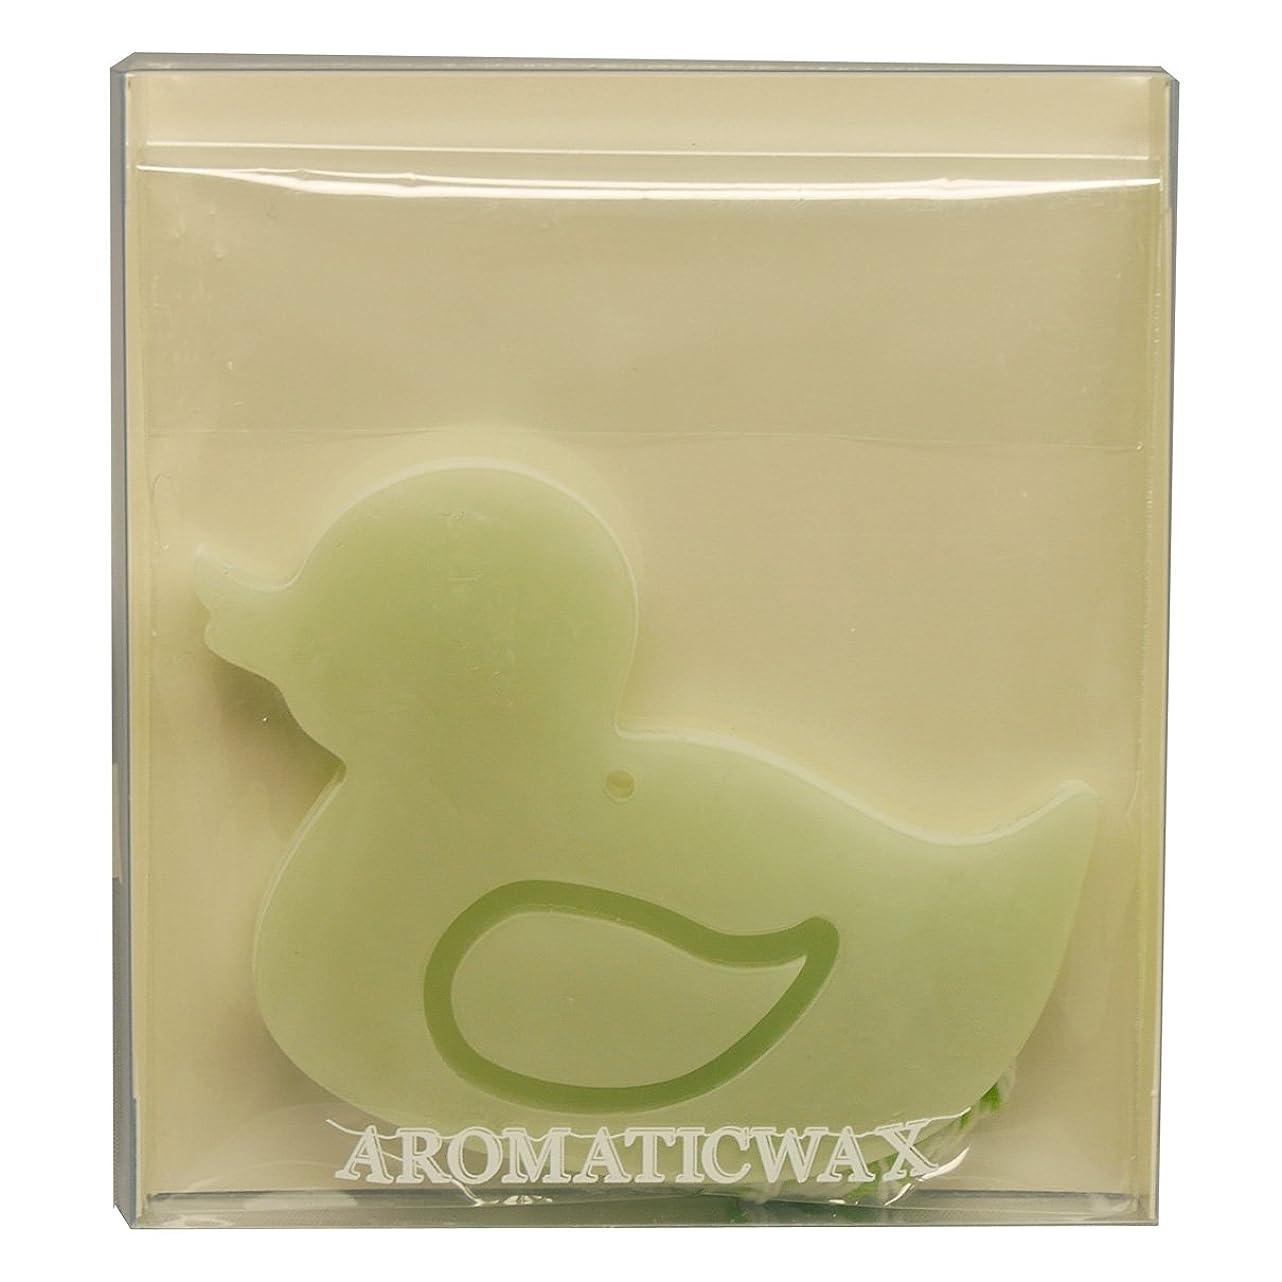 着服人里離れた白鳥GRASSE TOKYO AROMATICWAXチャーム「あひる」(GR) レモングラス アロマティックワックス グラーストウキョウ